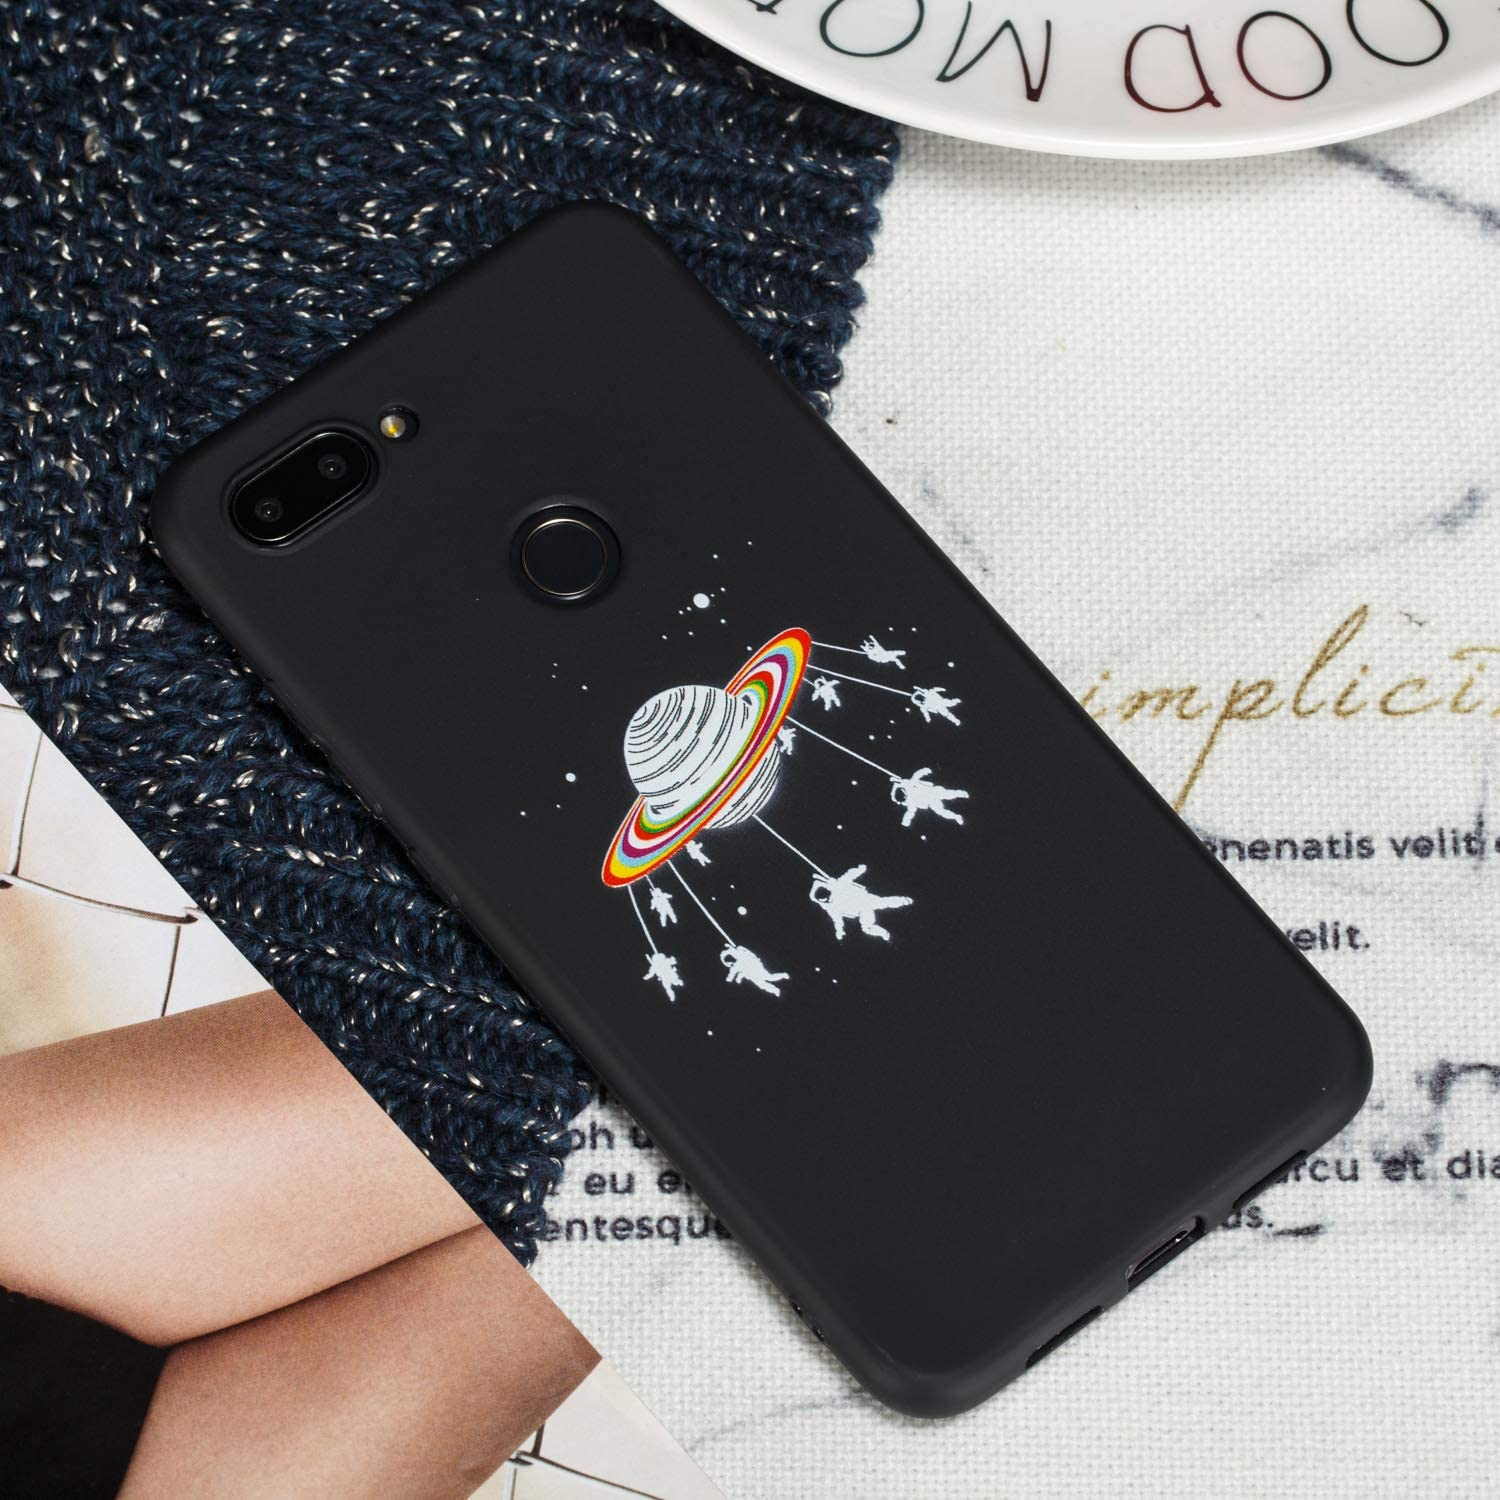 Rose ChoosEU Compatible avec Coque Xiaomi Mi 8 Lite Silicone Souple Noir Motif pour Filles Femmes Homme Etui Soft /Étui Ultra Fine Antichoc Housse Mince Case Protection